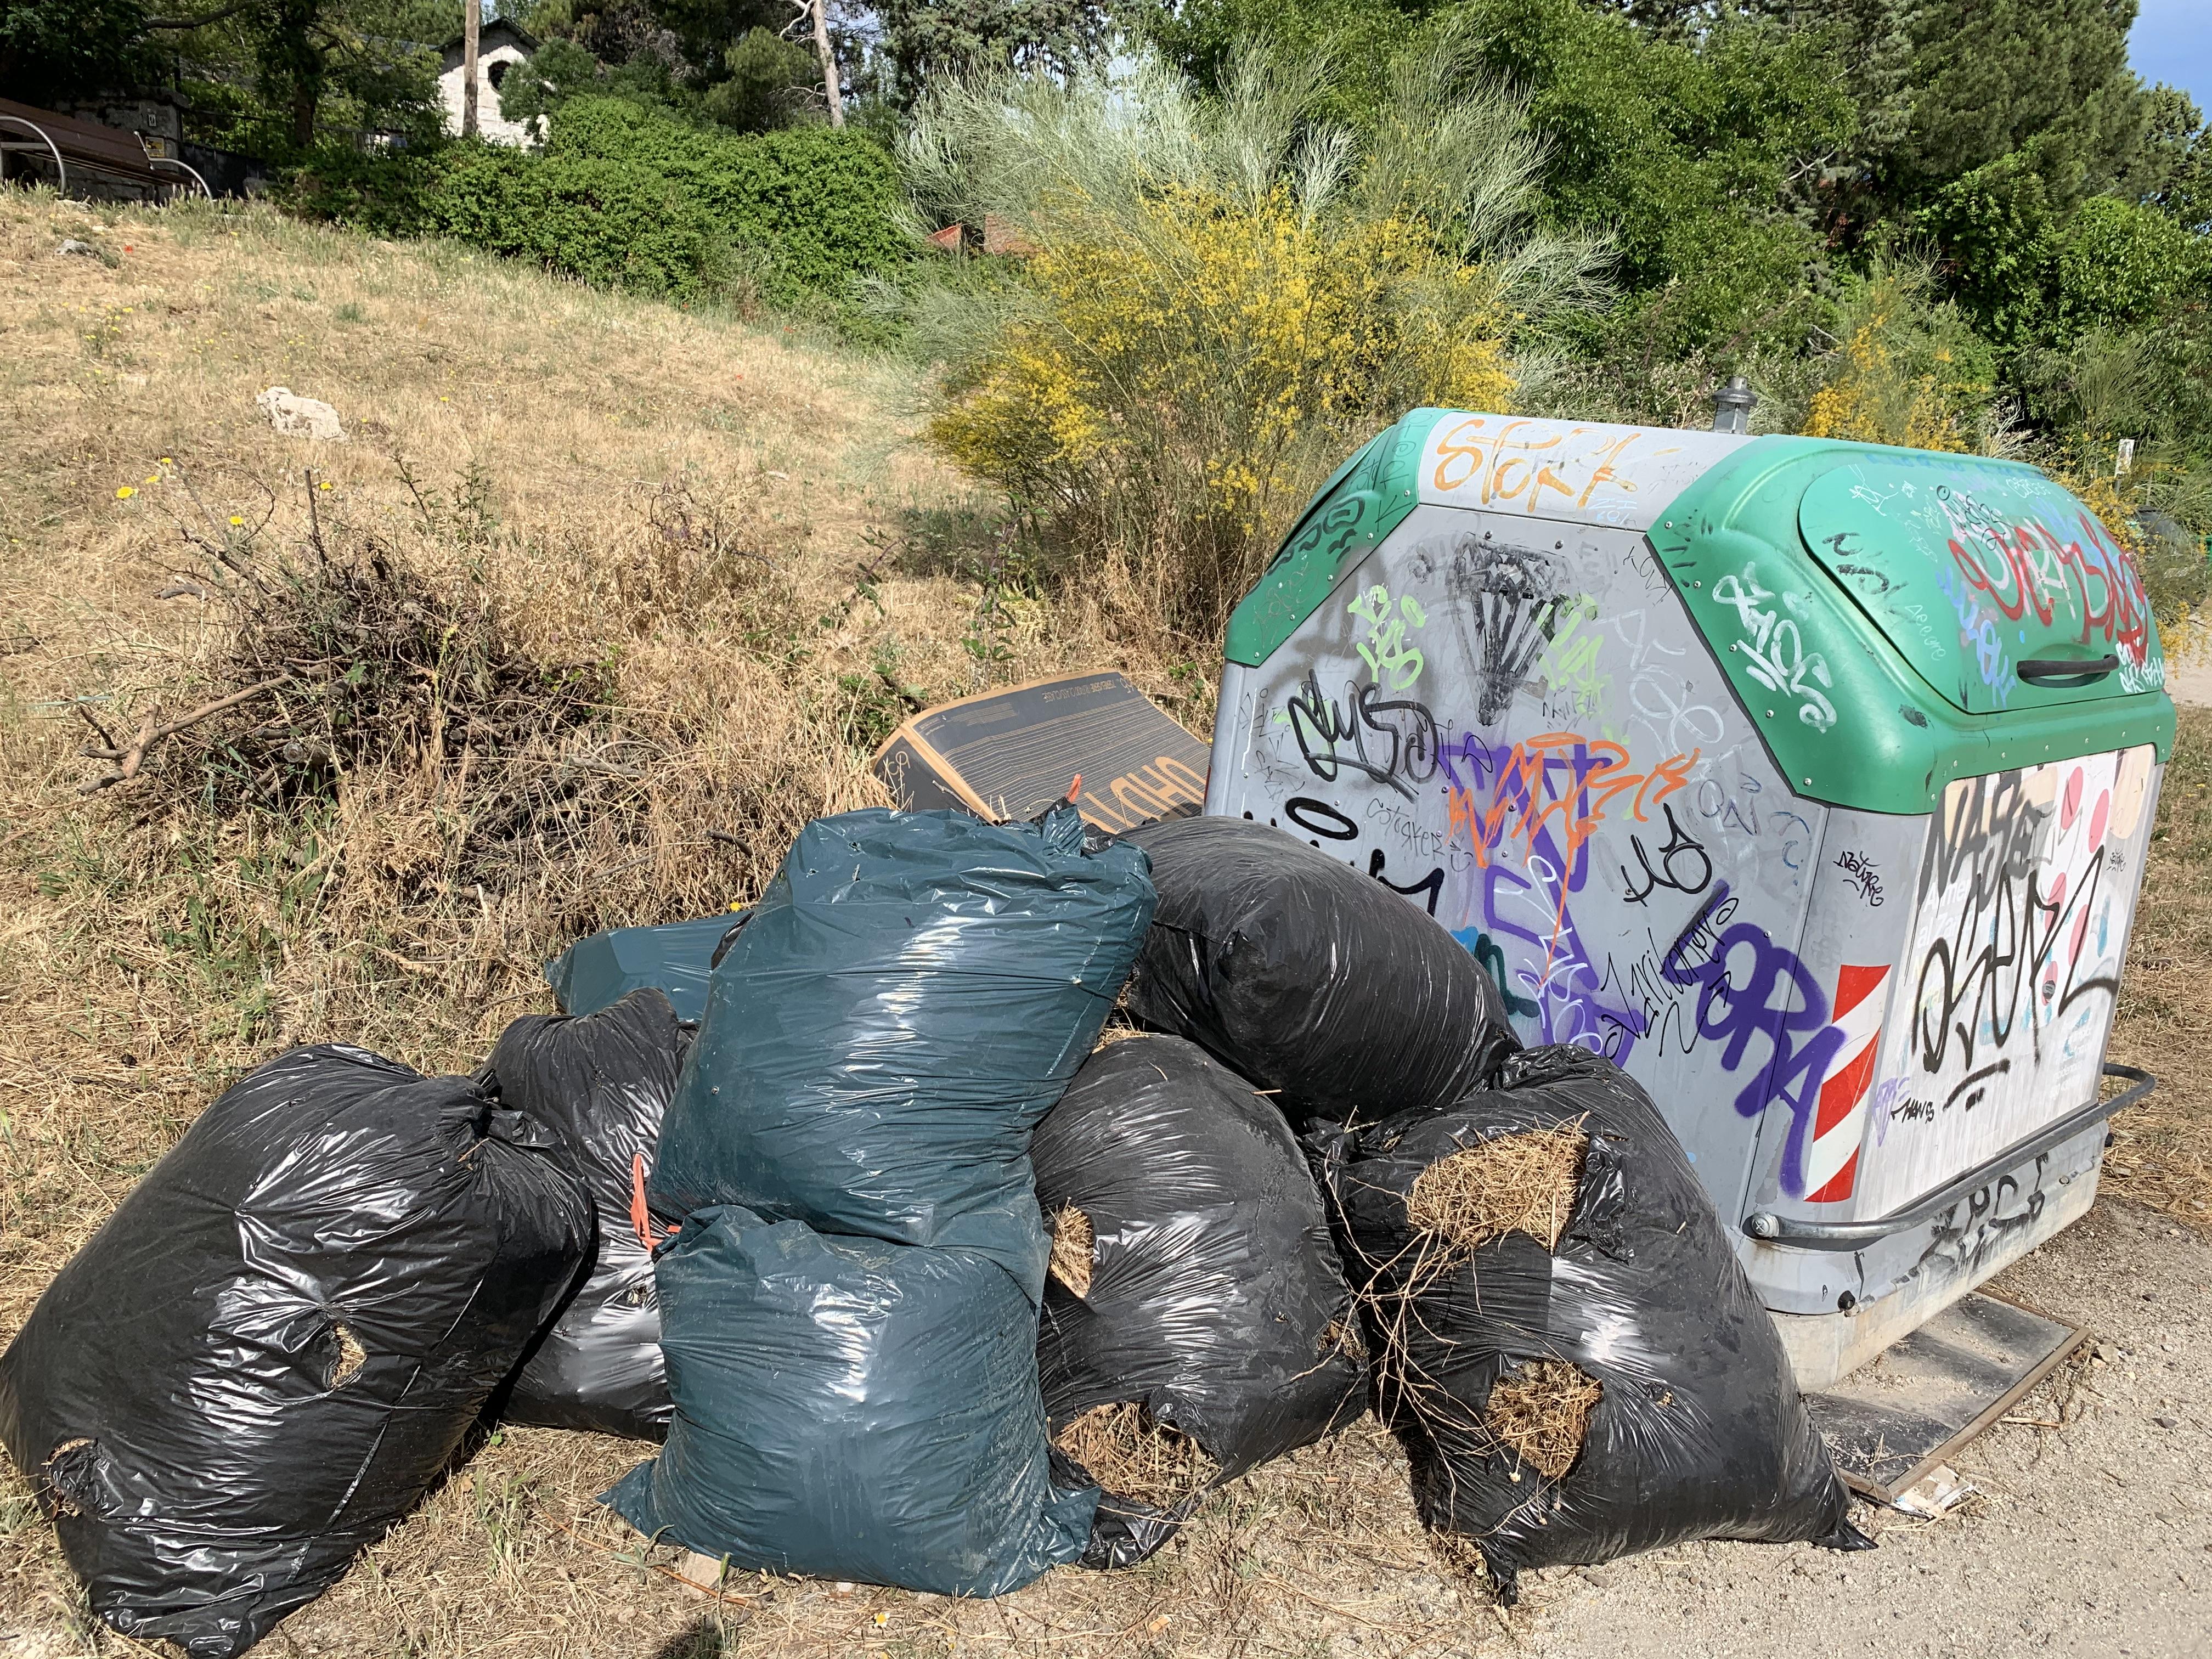 ciudades de basura, basura de ciudades